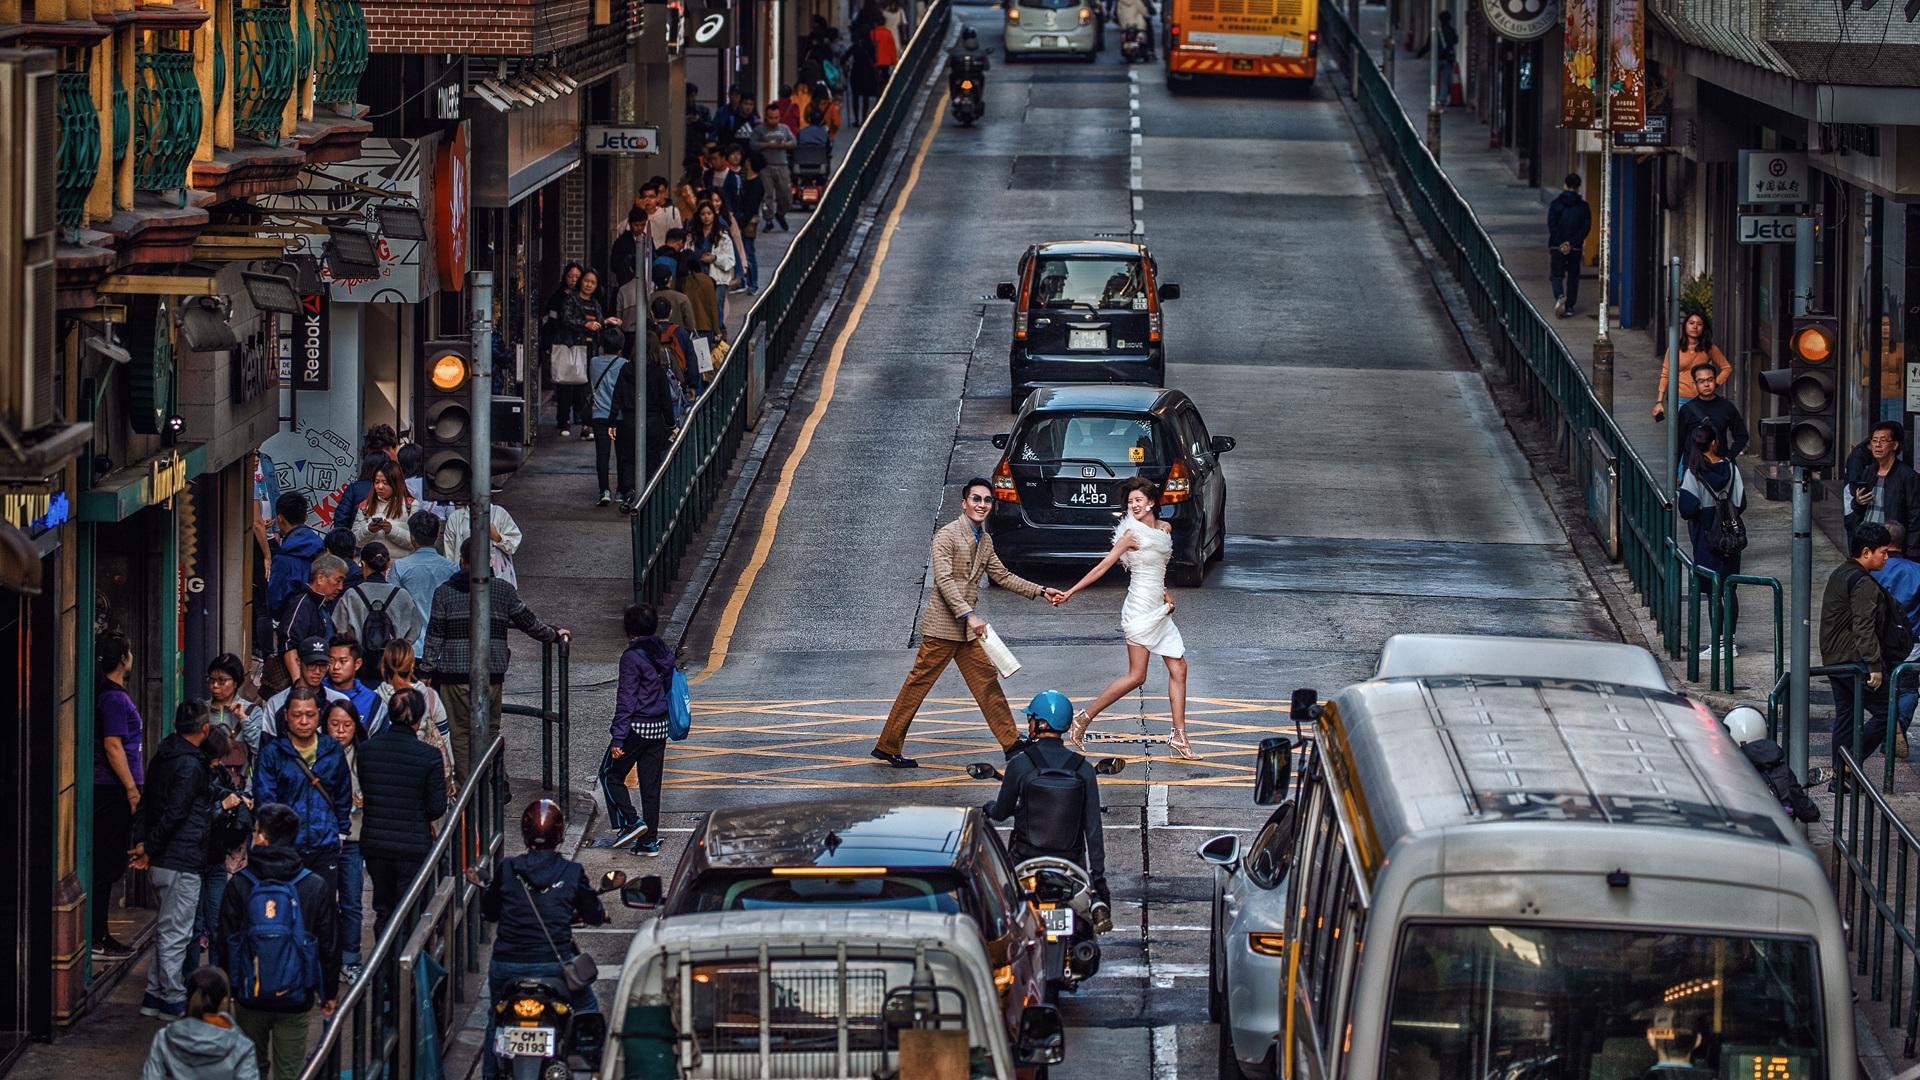 2020年在厦门拍婚纱照价格很高吗?怎么避免隐形消费?